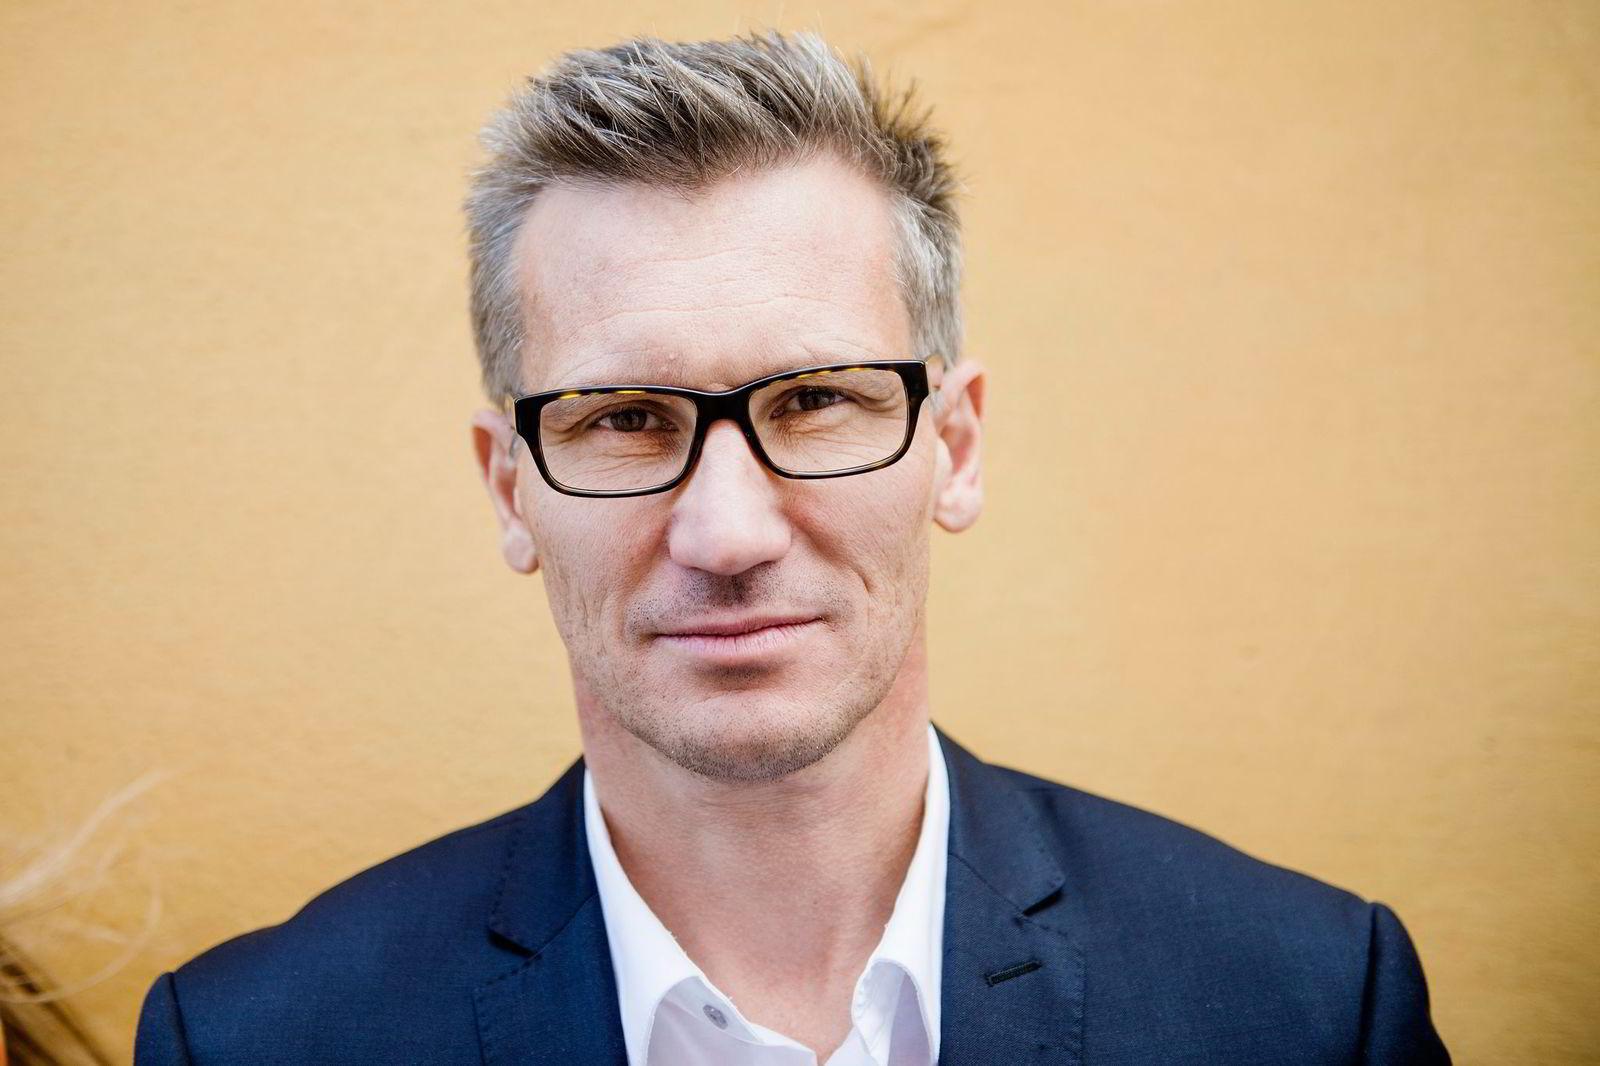 Datatilsynets Bjørn Erik Thon tror mange ikke er klar over hva som skjer med brukerdataene. Foto:Hampus Lundgren